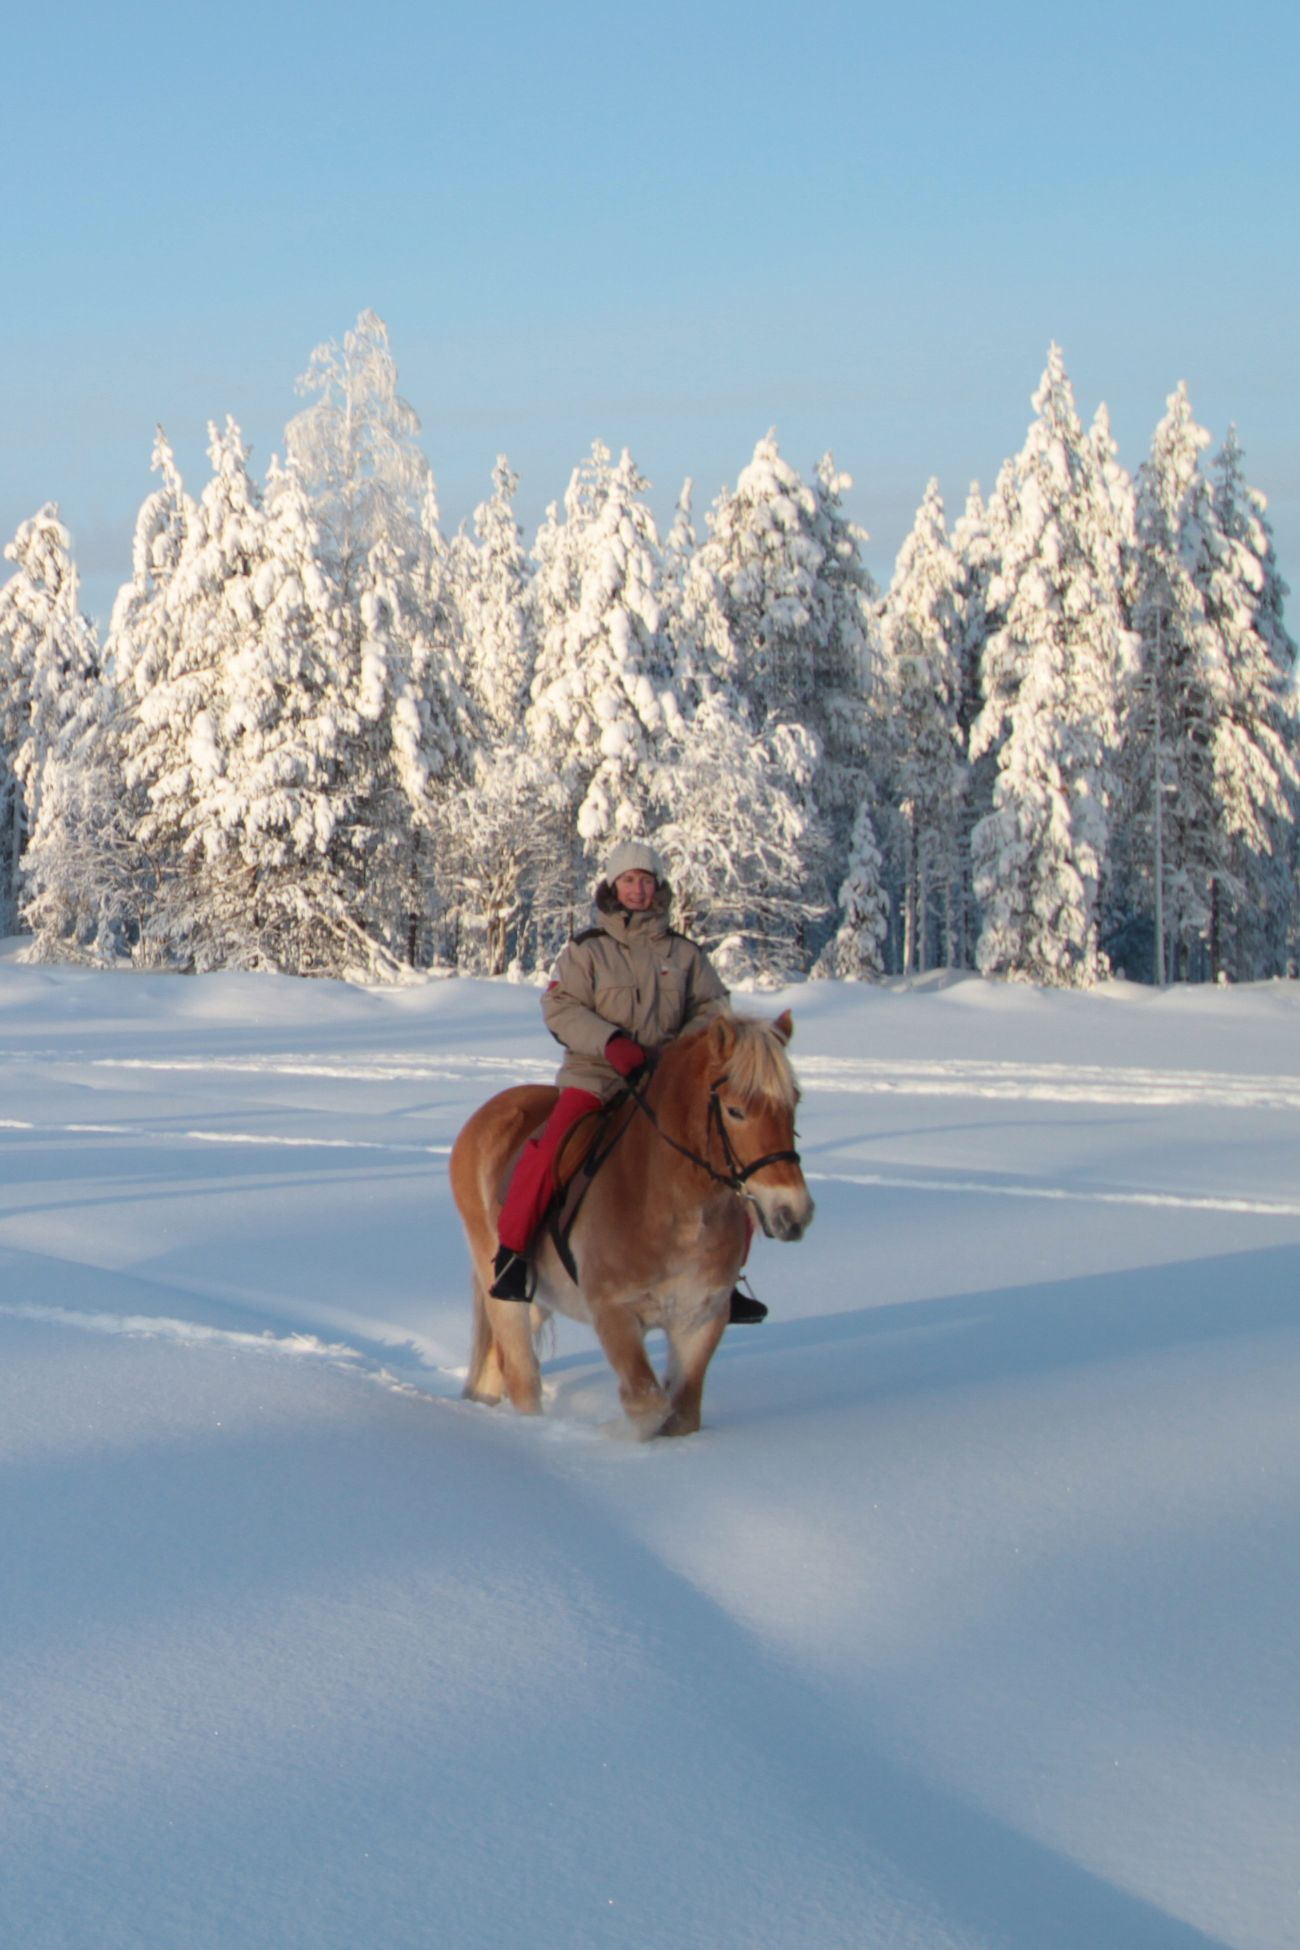 Les Sabots Dans La Neige Fraiche De La Laponie Finlandaise Laponie Chevaldaventure Laponie Laponie Finlandaise Voyage Laponie